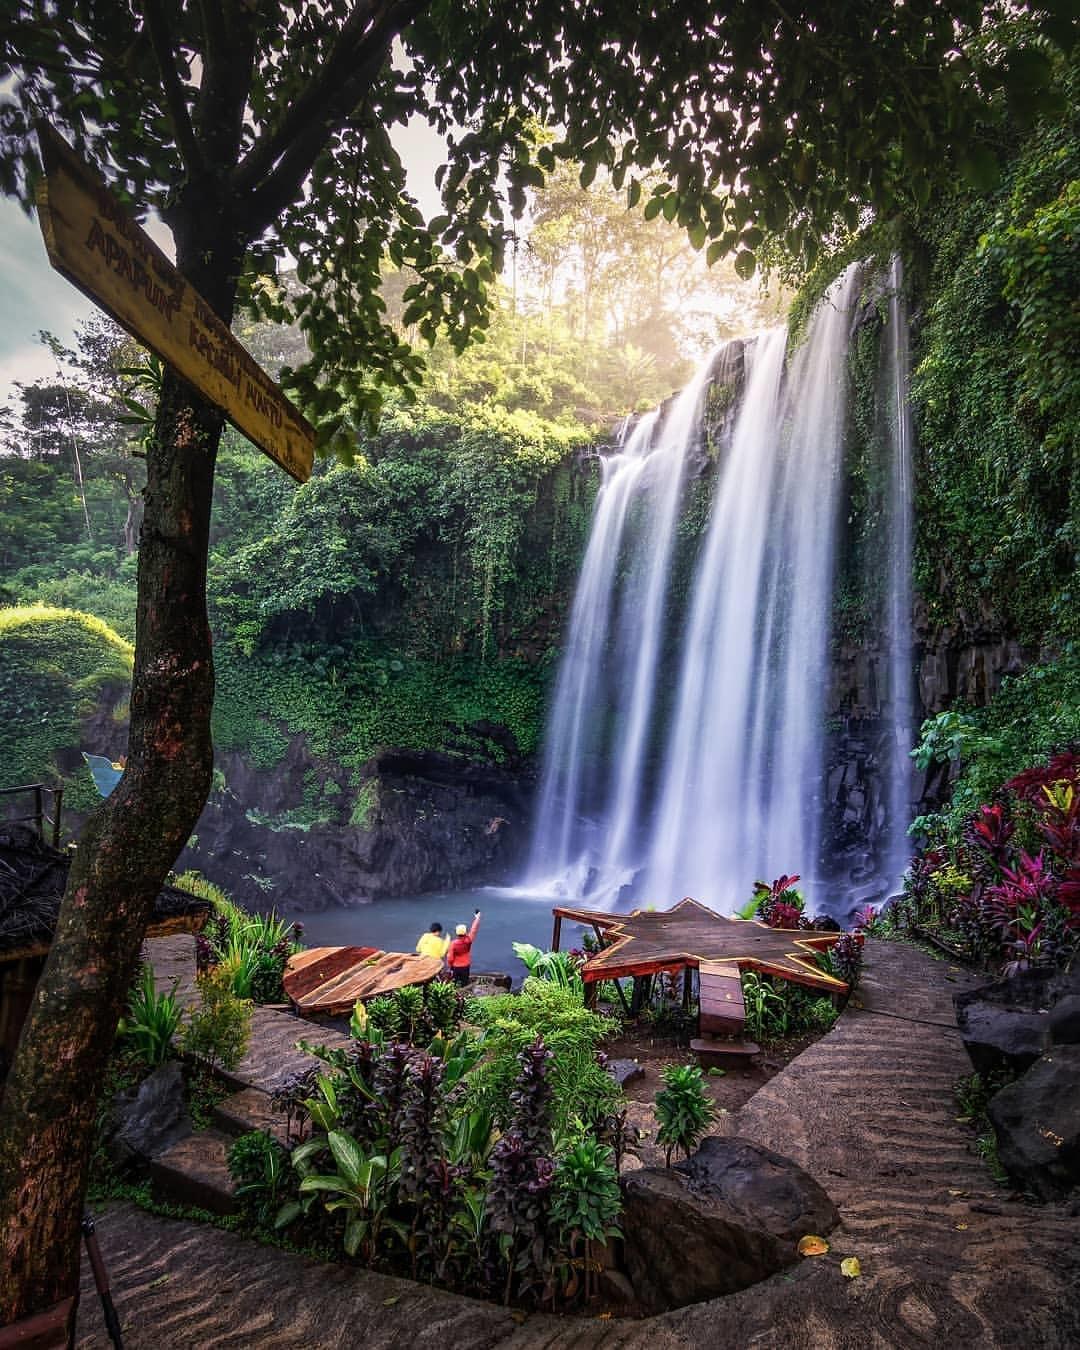 Coban Srengenge Ampelgading Malang Jawa Timur